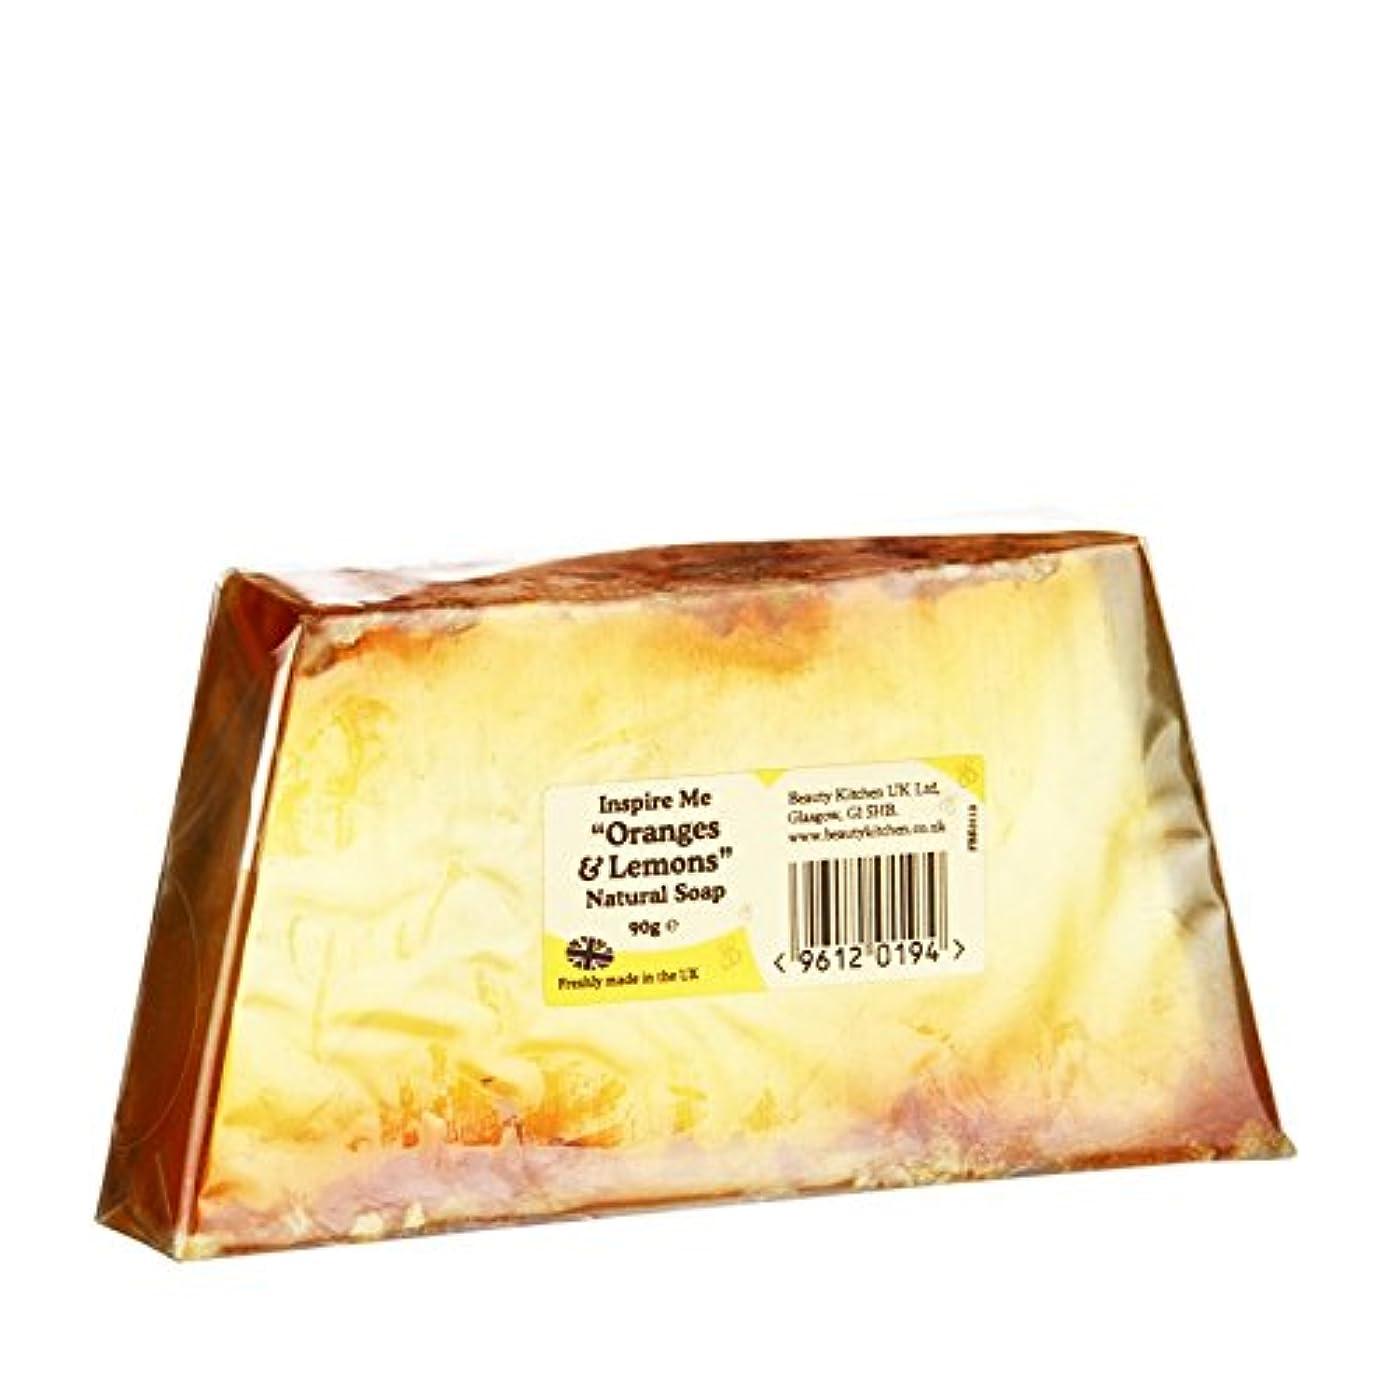 アクセス予防接種する懐疑的Beauty Kitchen Inspire Me Orange & Lemon Natural Soap 90g (Pack of 6) - 美しさのキッチンは私がオレンジ&レモンの天然石鹸90グラム鼓舞します (x6...